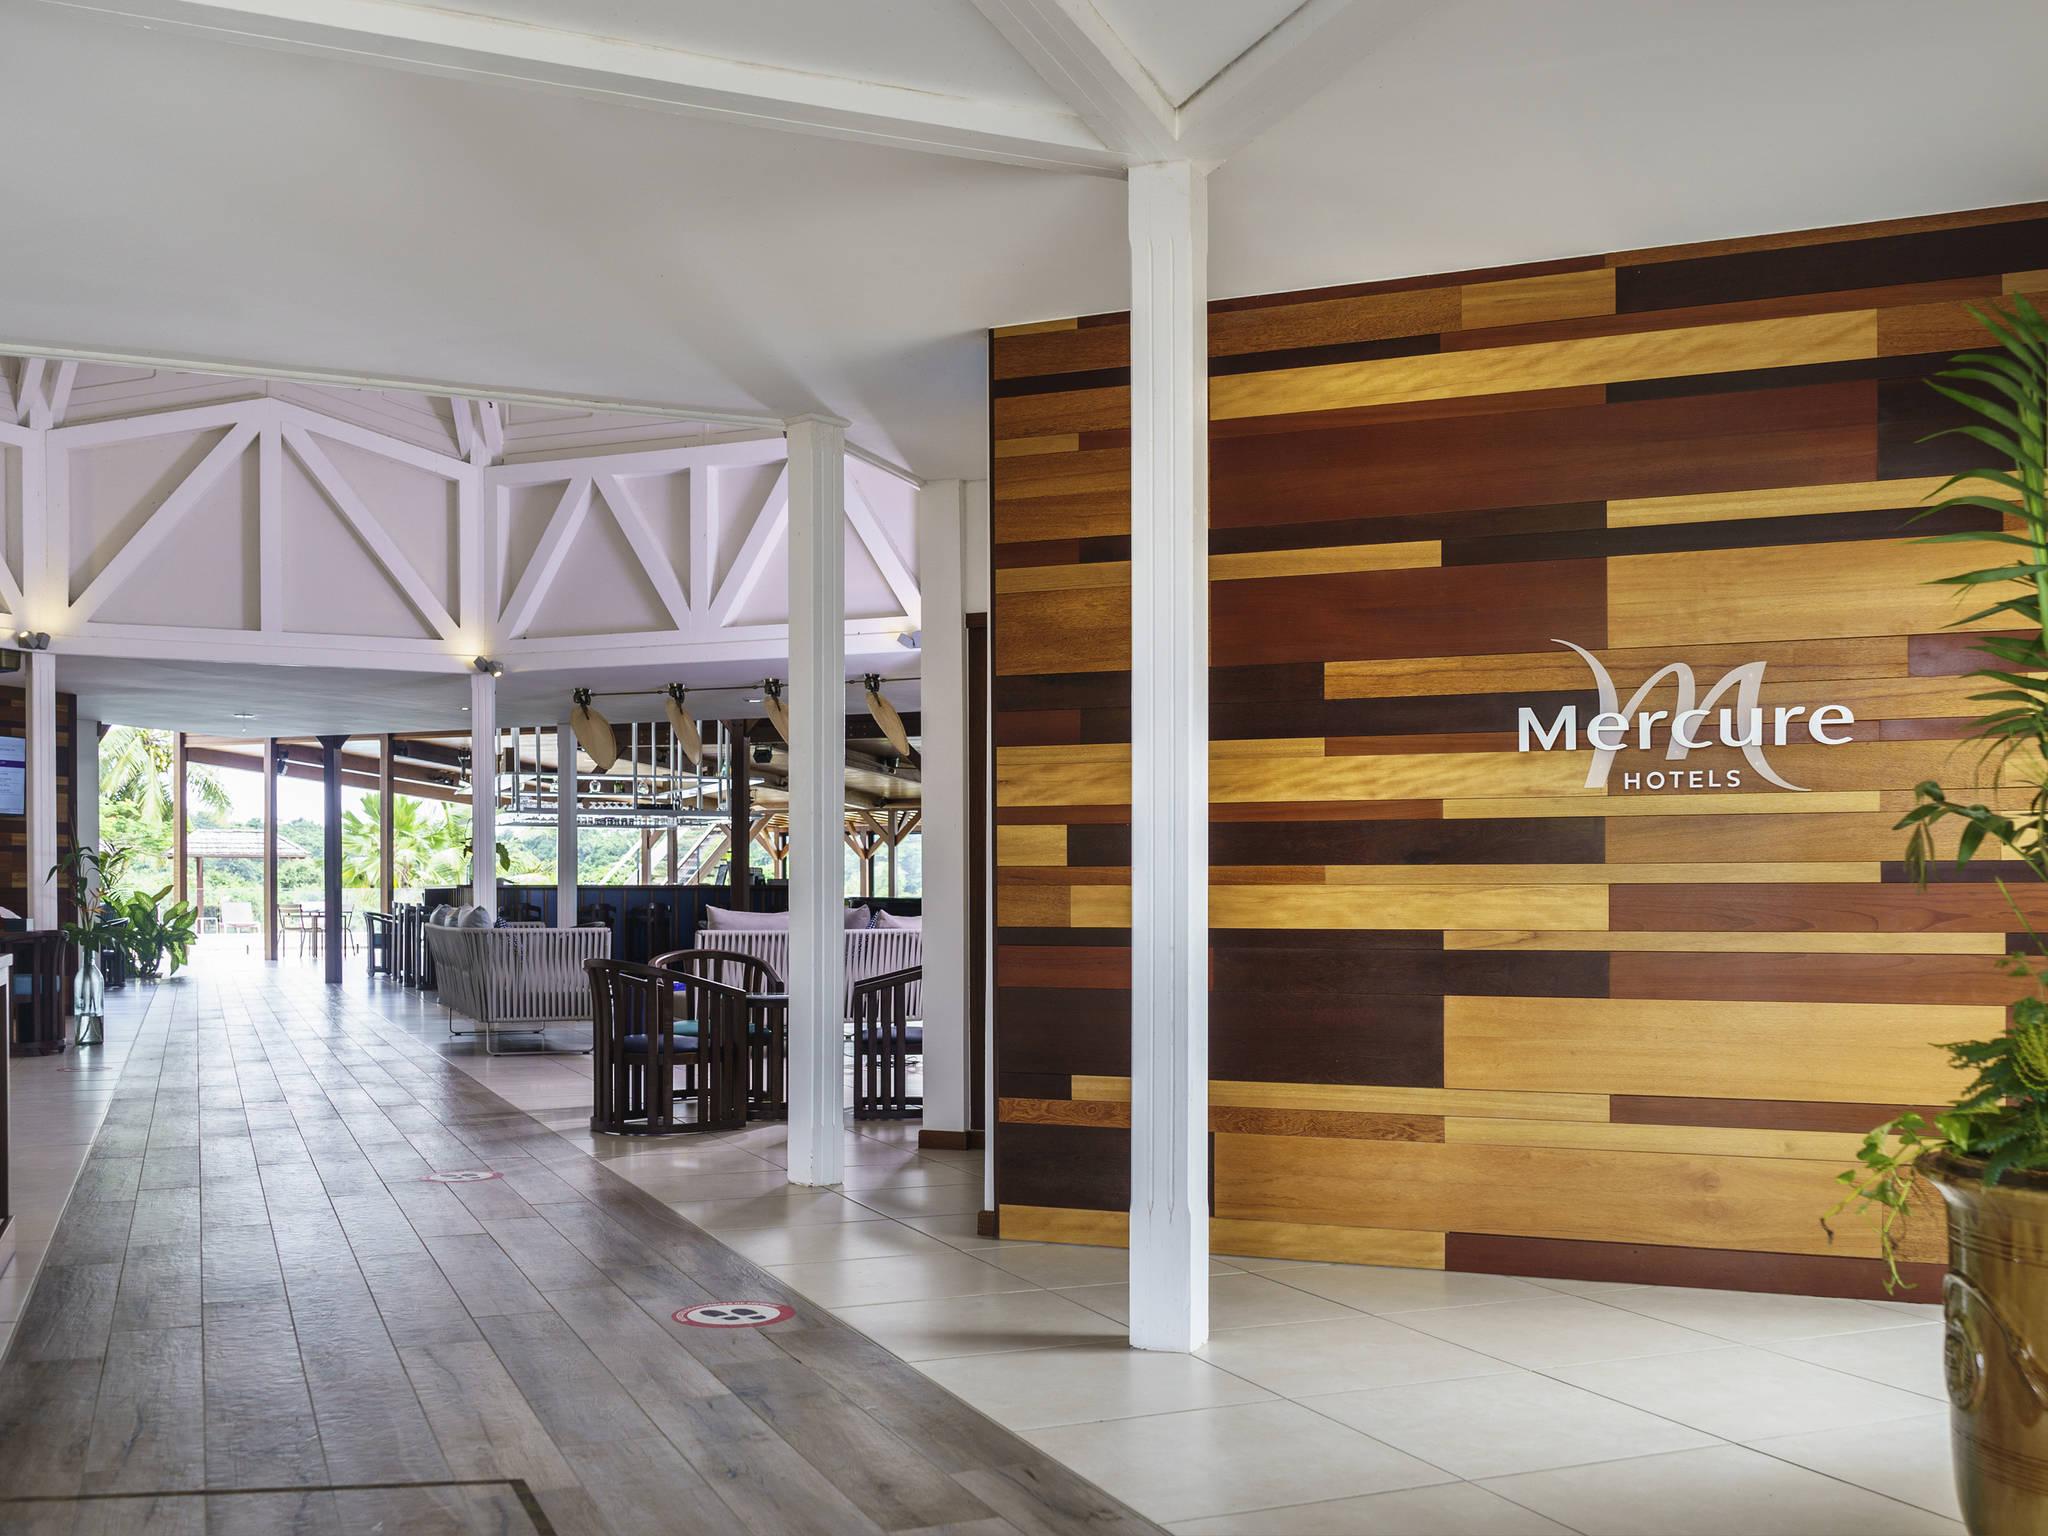 Hotel – Mercure Kourou Ariatel hotel